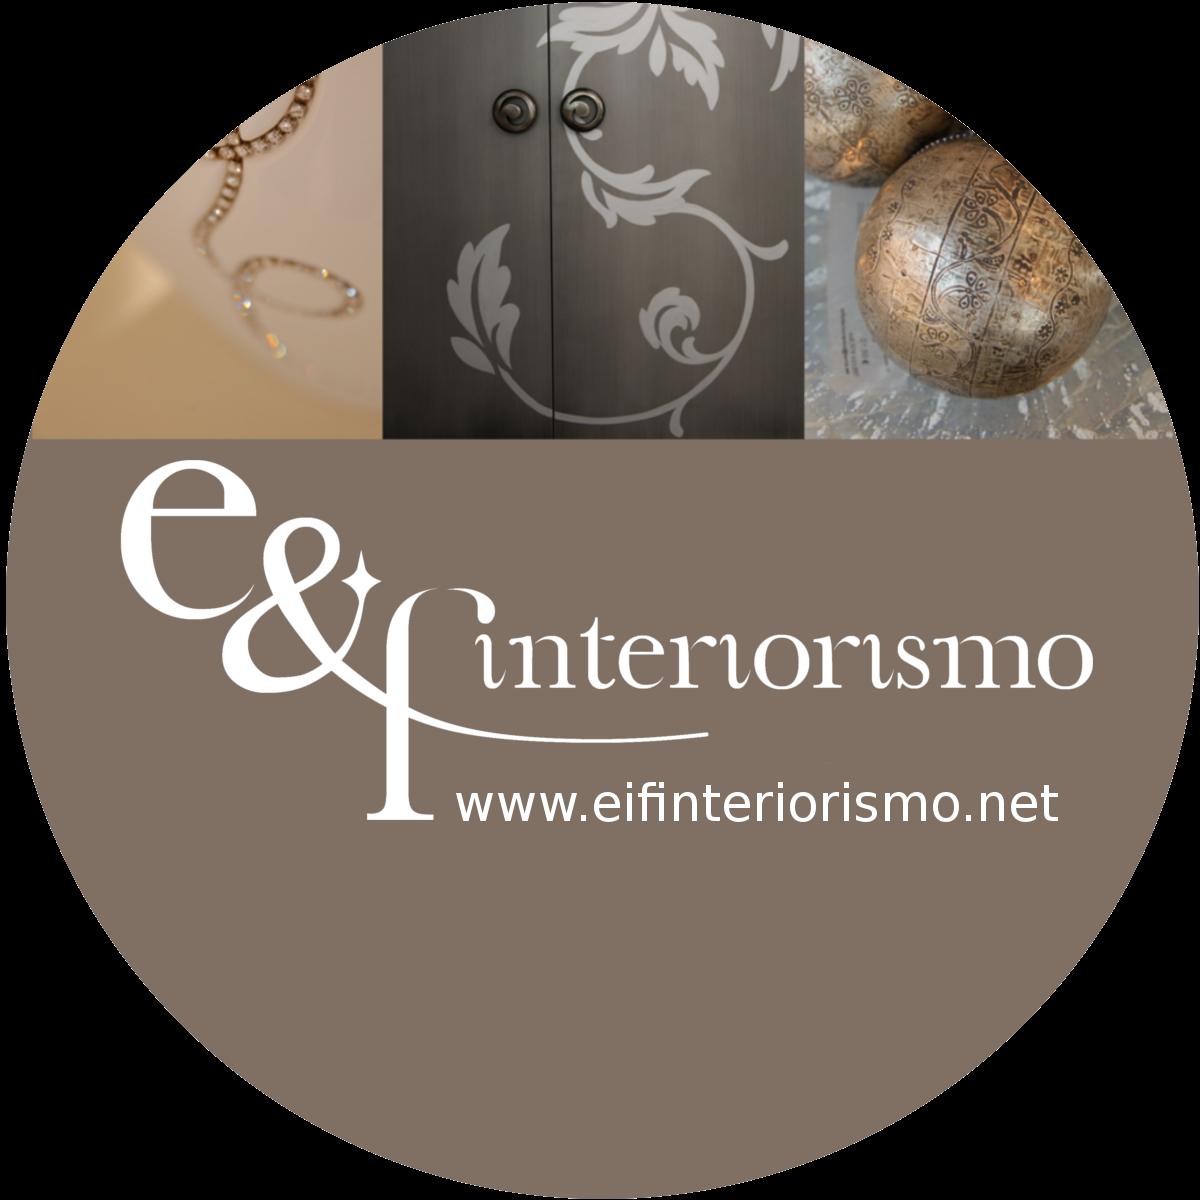 E & F Interiorismo